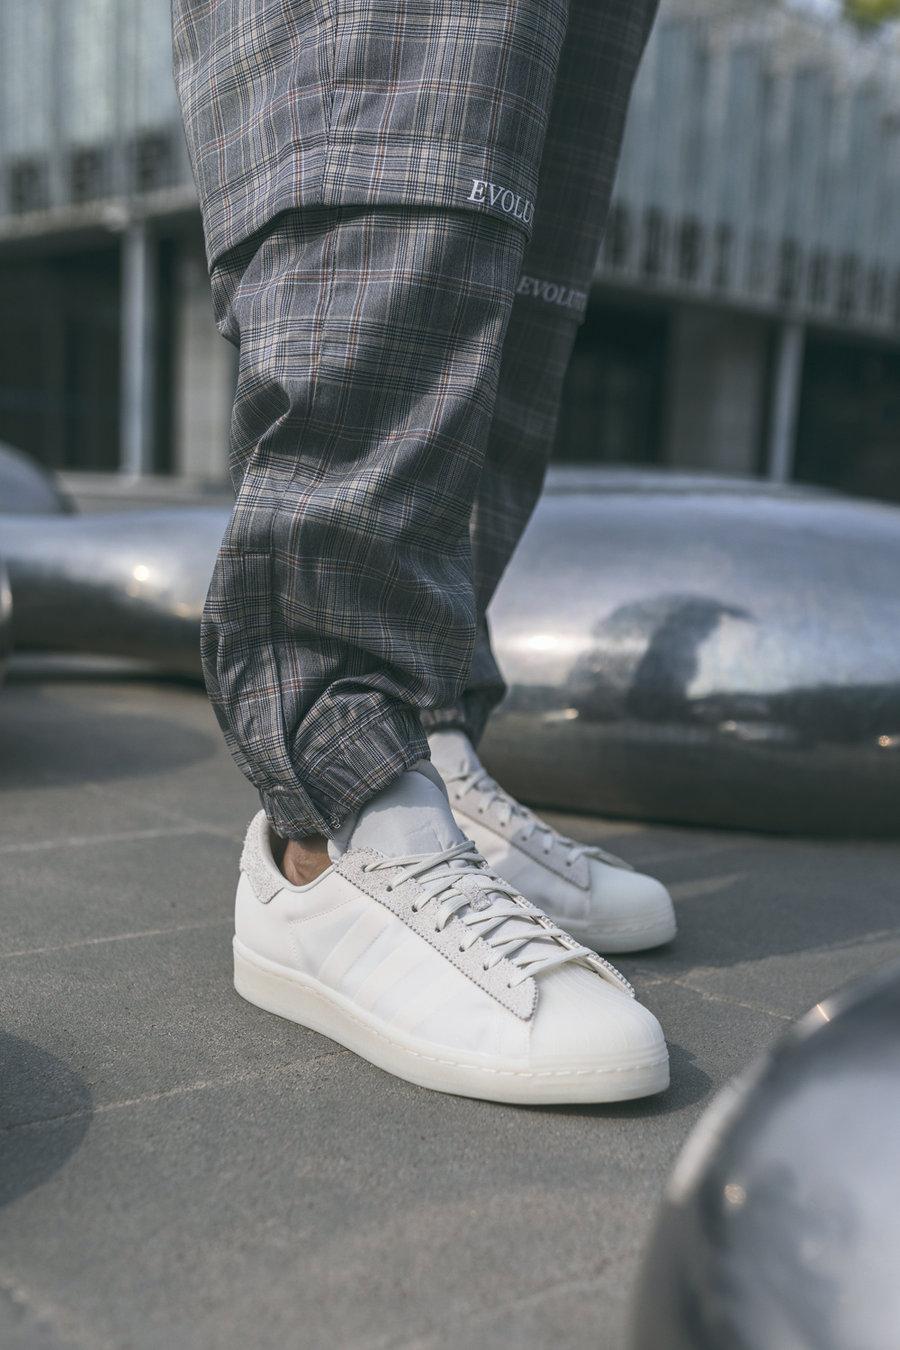 陈奕迅,adidas,superstar,发售,上脚  超限量!本周最难抢的竟是「陈奕迅」联名新鞋!上脚太帅了!